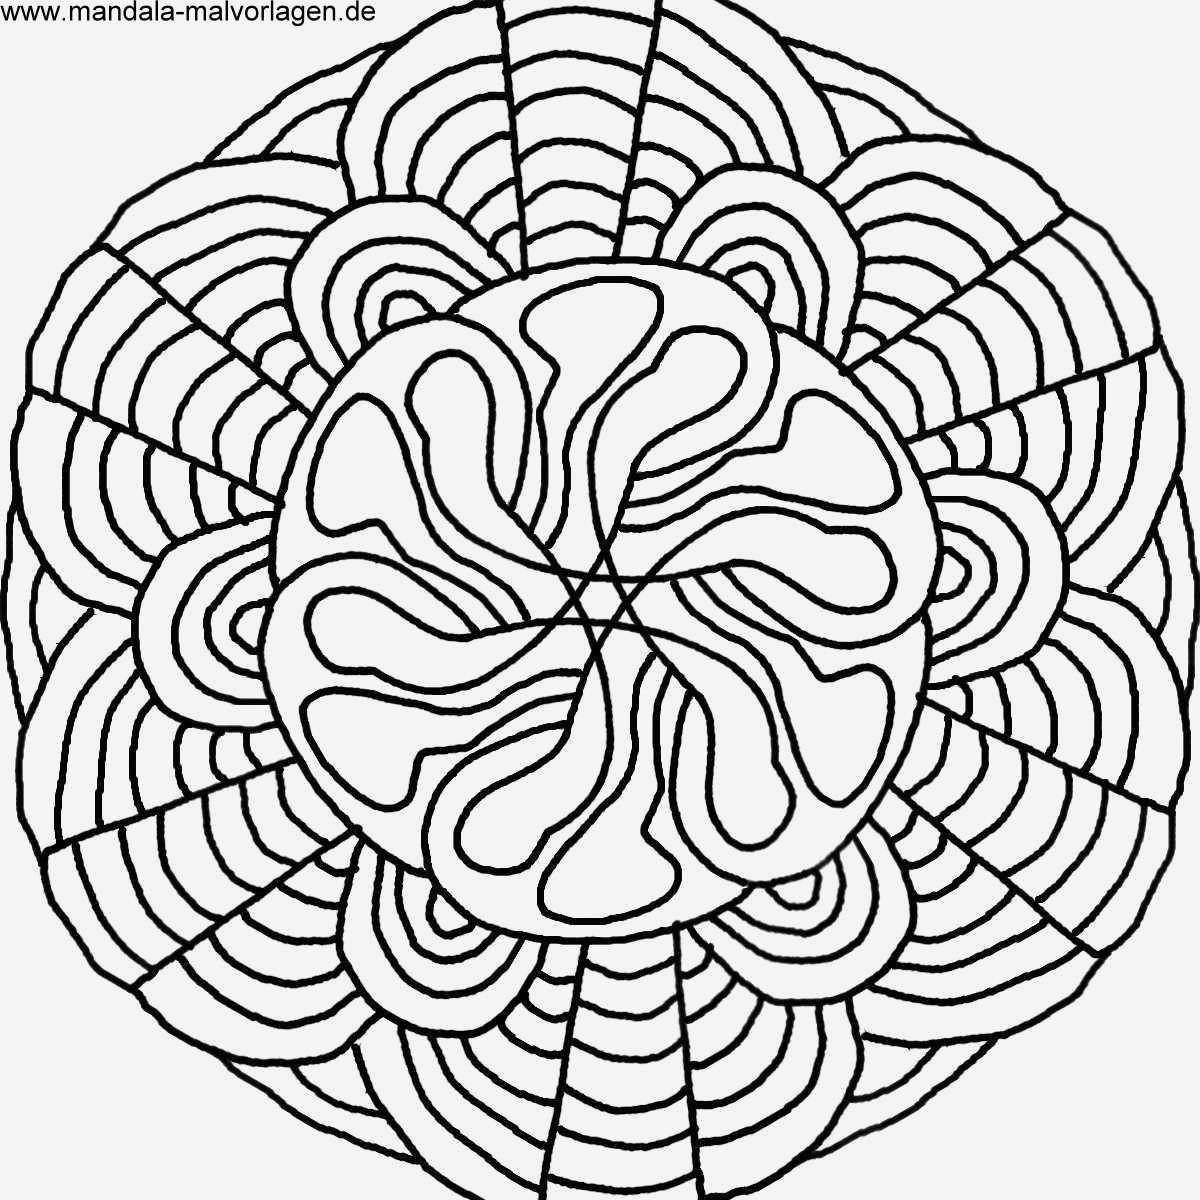 Ausmalbild Mandala Eule Inspirierend Ausmalbilder Mandala Kostenlos Eule Bildergalerie & Bilder Zum Das Bild